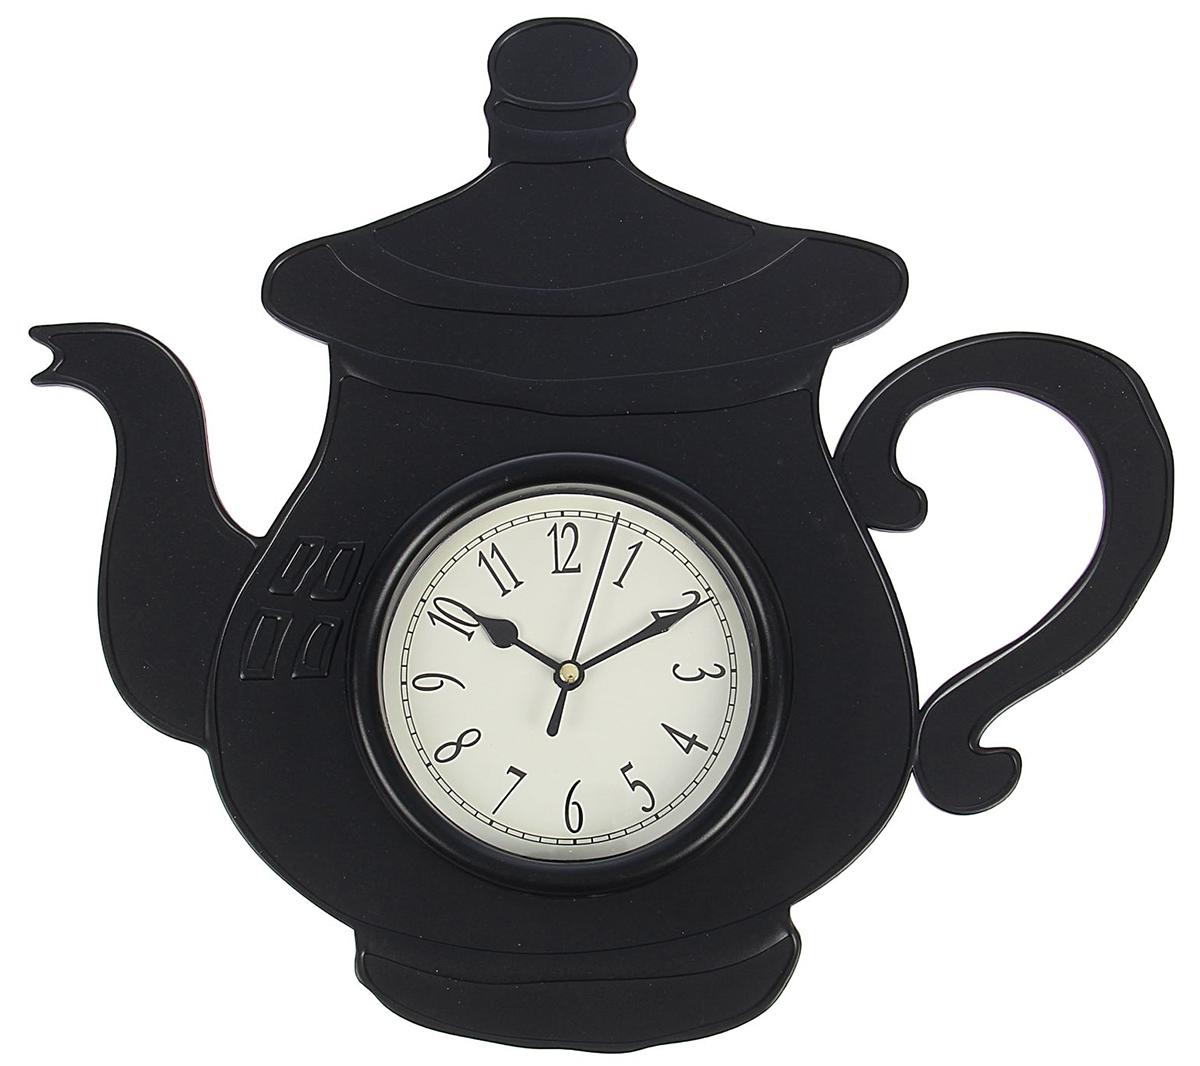 Часы настенные Чайник с ручкой, цвет: черный, 31 х 33 см1588322Каждому хозяину периодически приходит мысль обновить свою квартиру, сделать ремонт, перестановку или кардинально поменять внешний вид каждой комнаты. Часы настенные кухонные Чайник с ручкой, черные — привлекательная деталь, которая поможет воплотить вашу интерьерную идею, создать неповторимую атмосферу в вашем доме. Окружите себя приятными мелочами, пусть они радуют глаз и дарят гармонию.Часы настенные Чайник с ручкой черный 31*33см 1588322